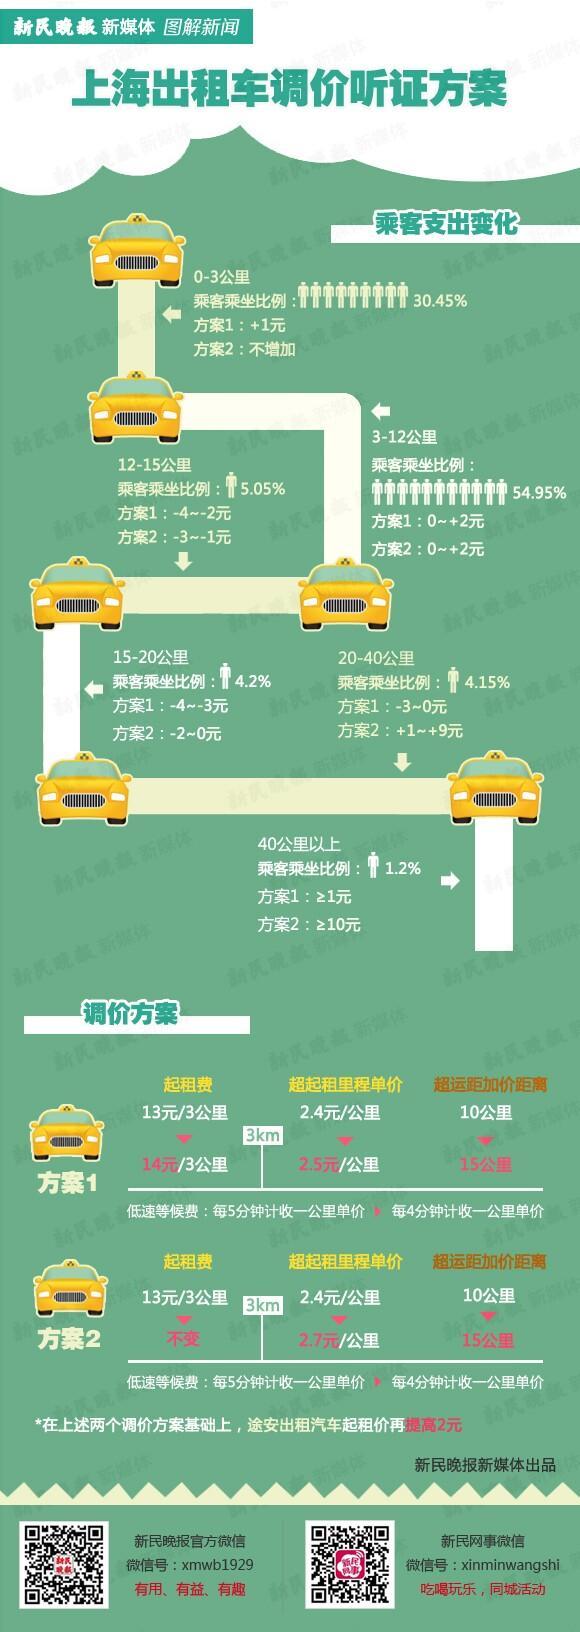 沪出租车运价调整听证 方案一支持率高